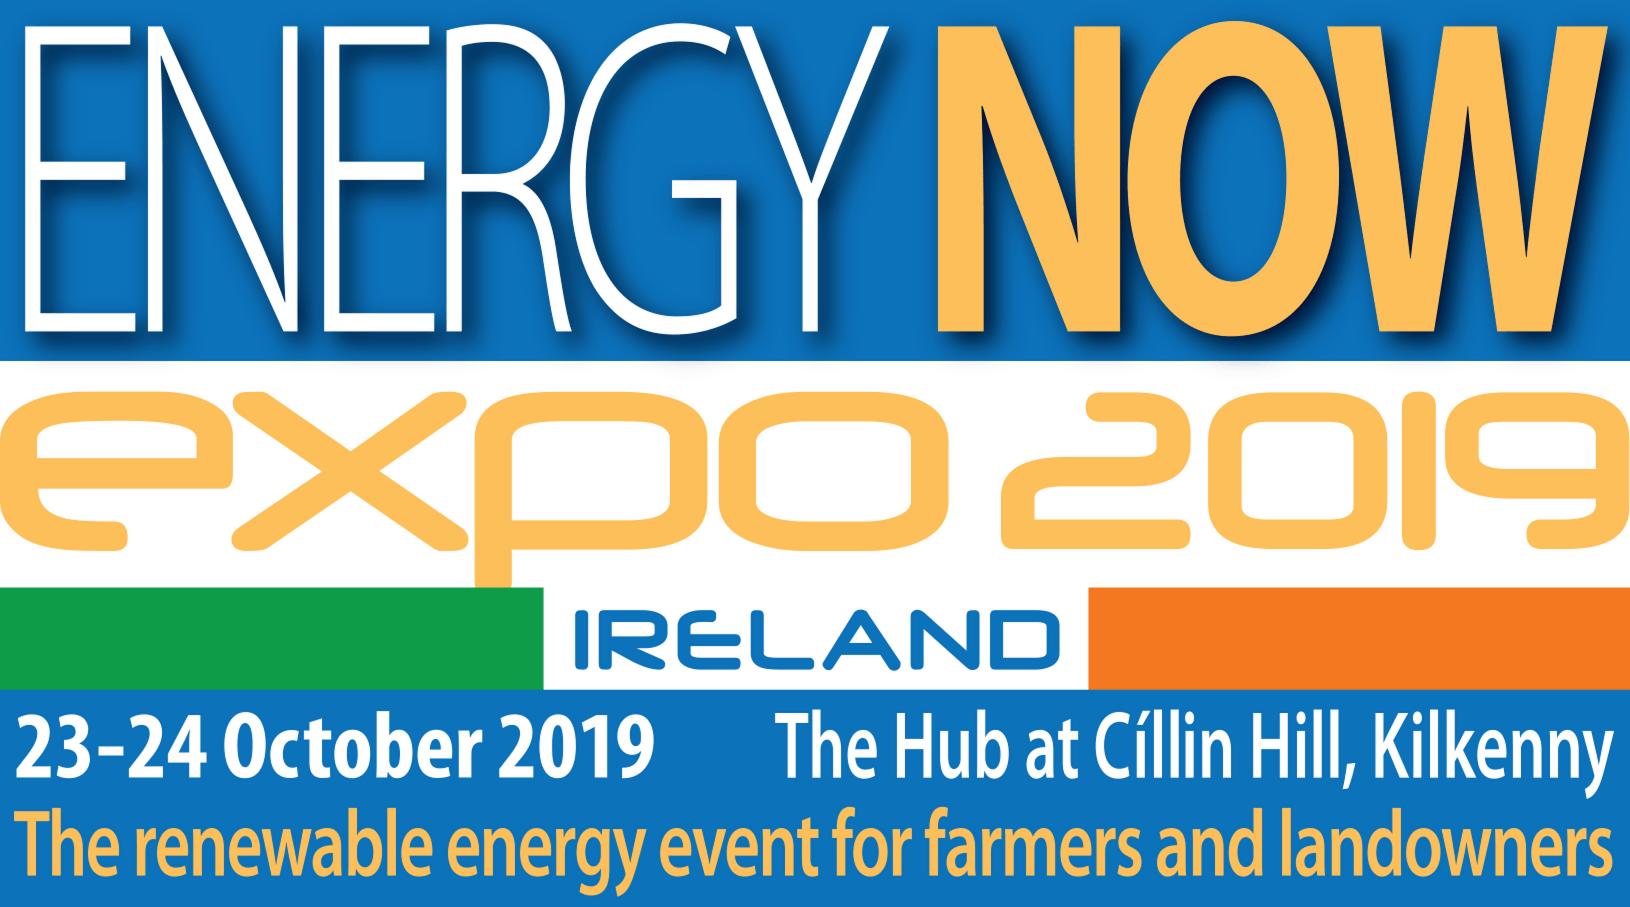 EnergyNow Expo Ireland